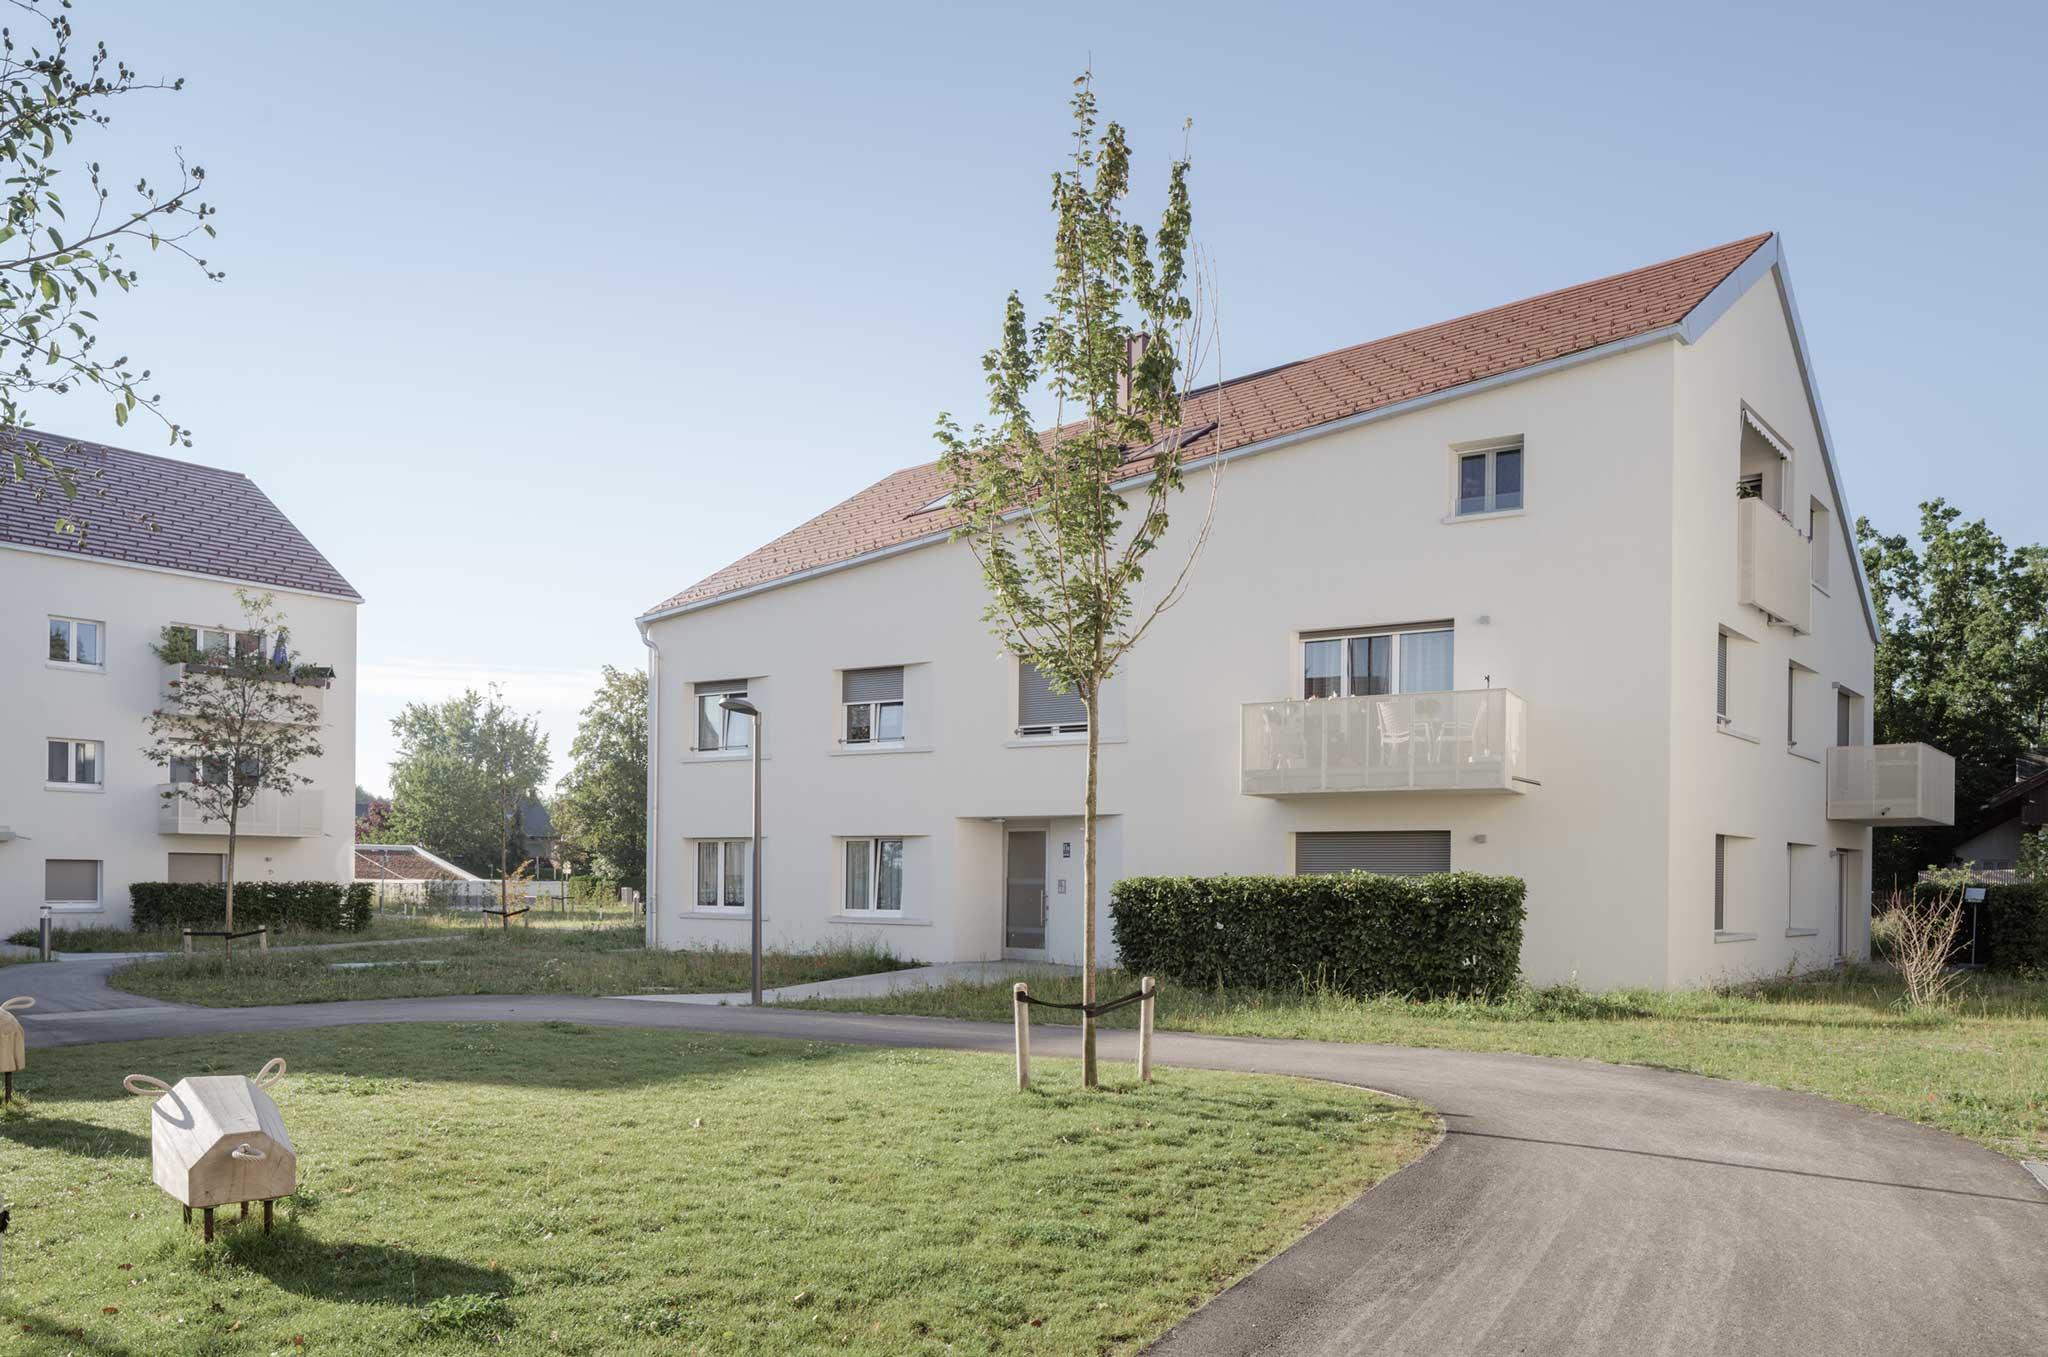 Landschaftsarchitektur Wohnanlage Grünwald - Erschließung